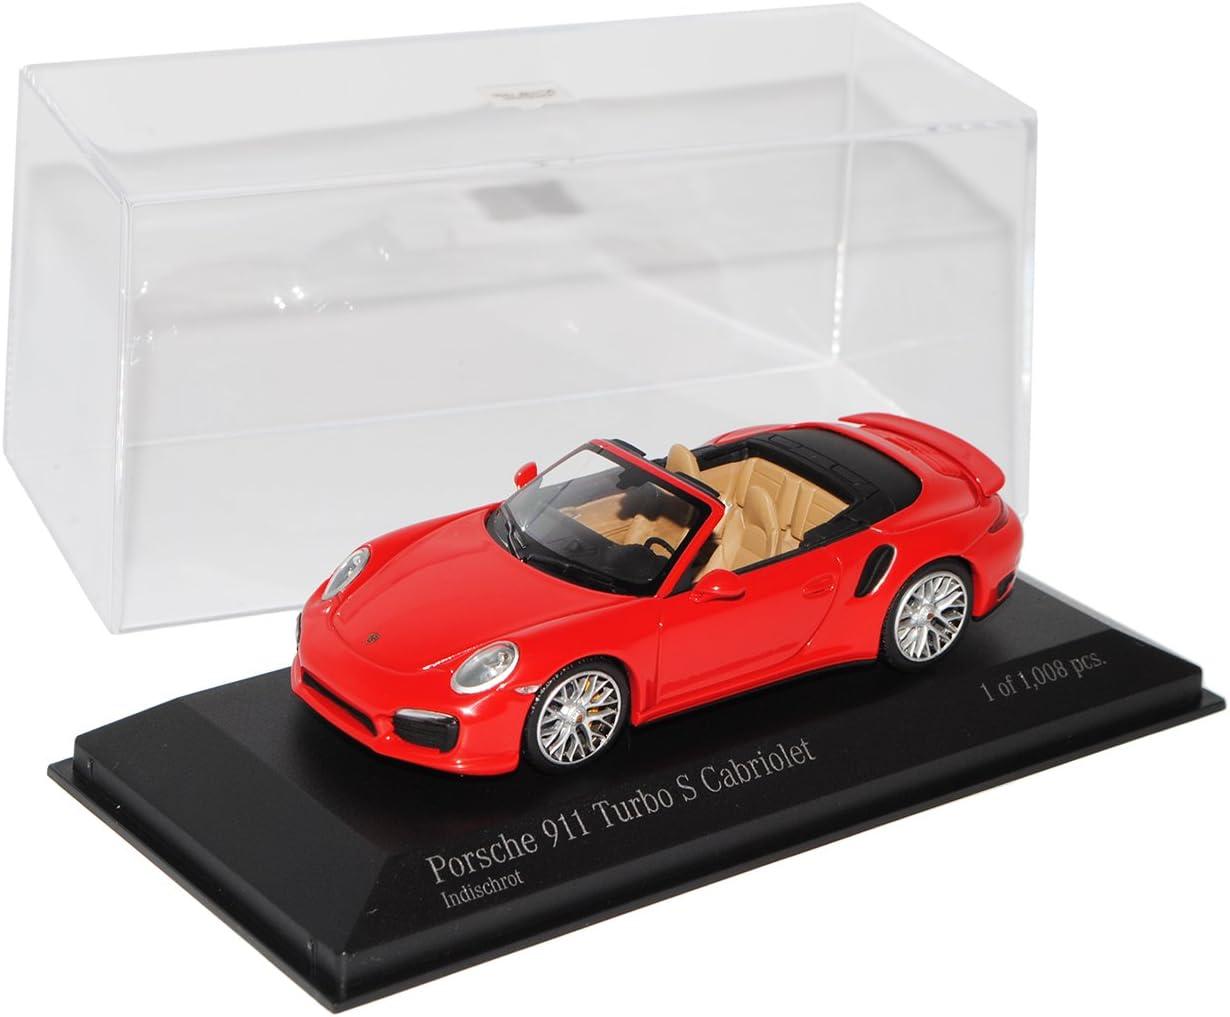 Minichamps Porsche 911 991 Cabrio Turbo S Rot Ab 2012 1 43 Modell Auto Mit Individiuellem Wunschkennzeichen Spielzeug